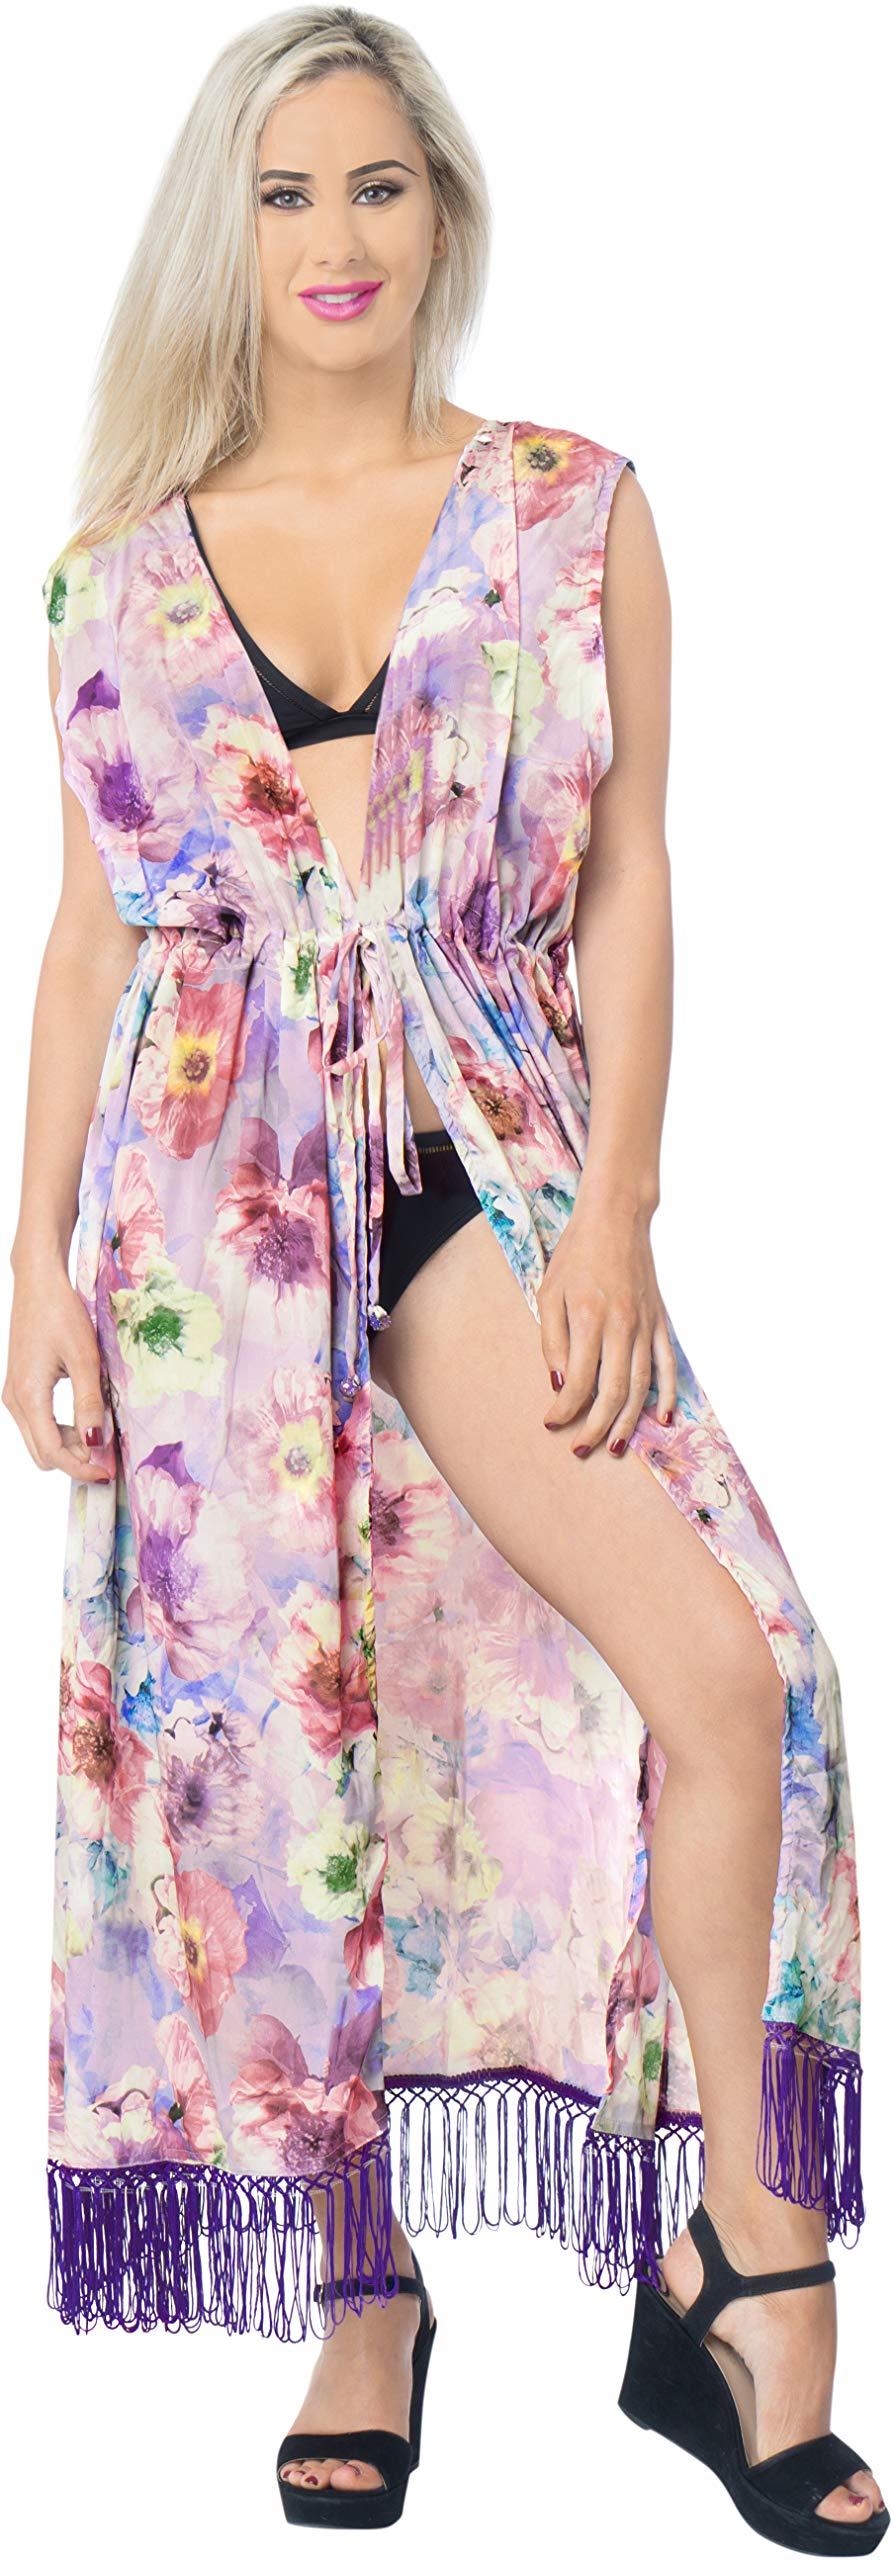 LA LEELA Seta Kimono Cardigan Lungo Donna Estivo Pizzo Boho Copricostume Abito da Mare Spiaggia per Costumi da Bagno… 5 spesavip